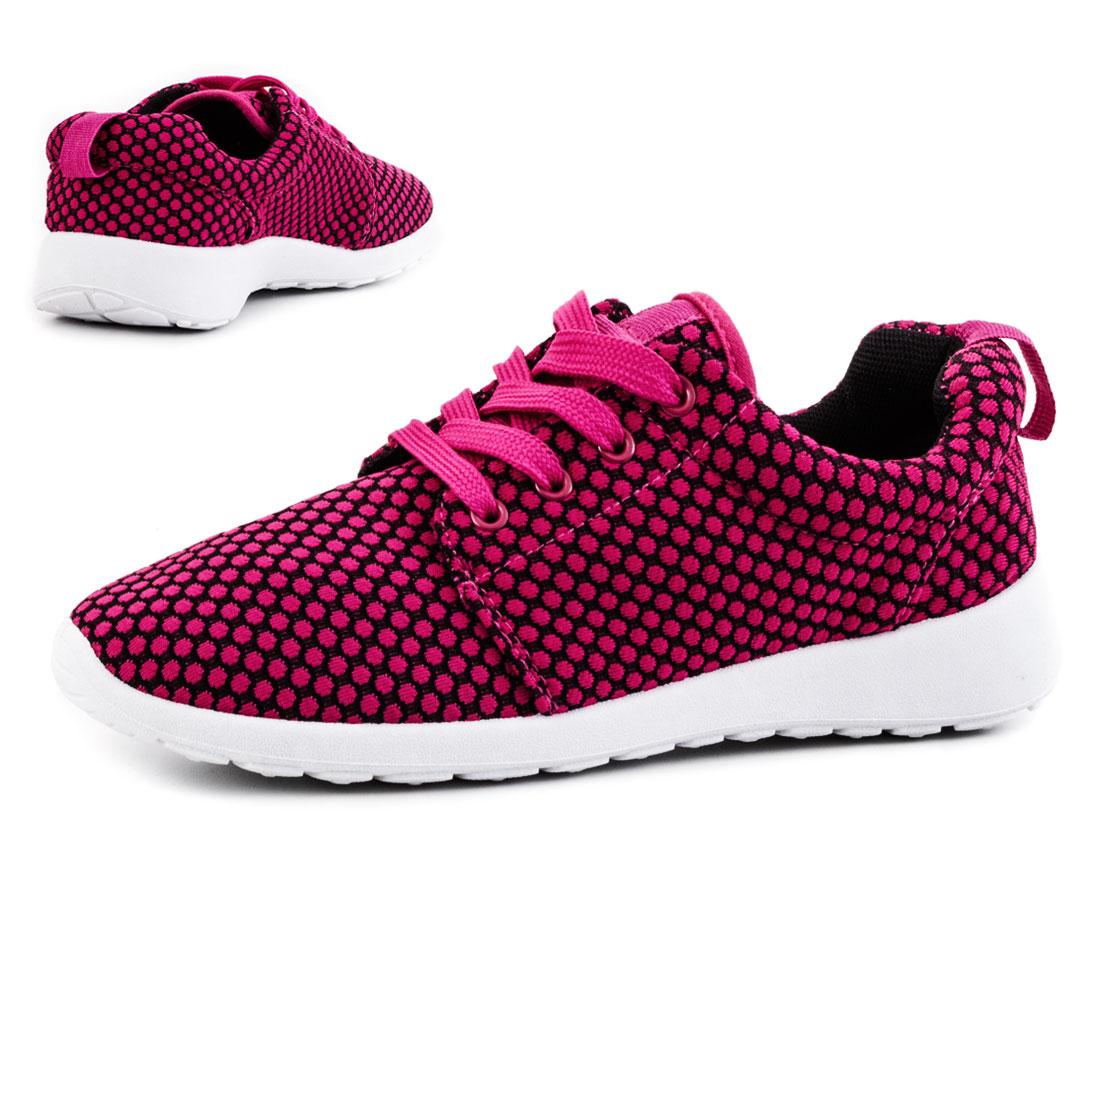 Neu Damen Sport Sneaker Fitness Laufschuhe Gym Schuhe Gr 36 37 38 39 40 41 6voyh3LG8